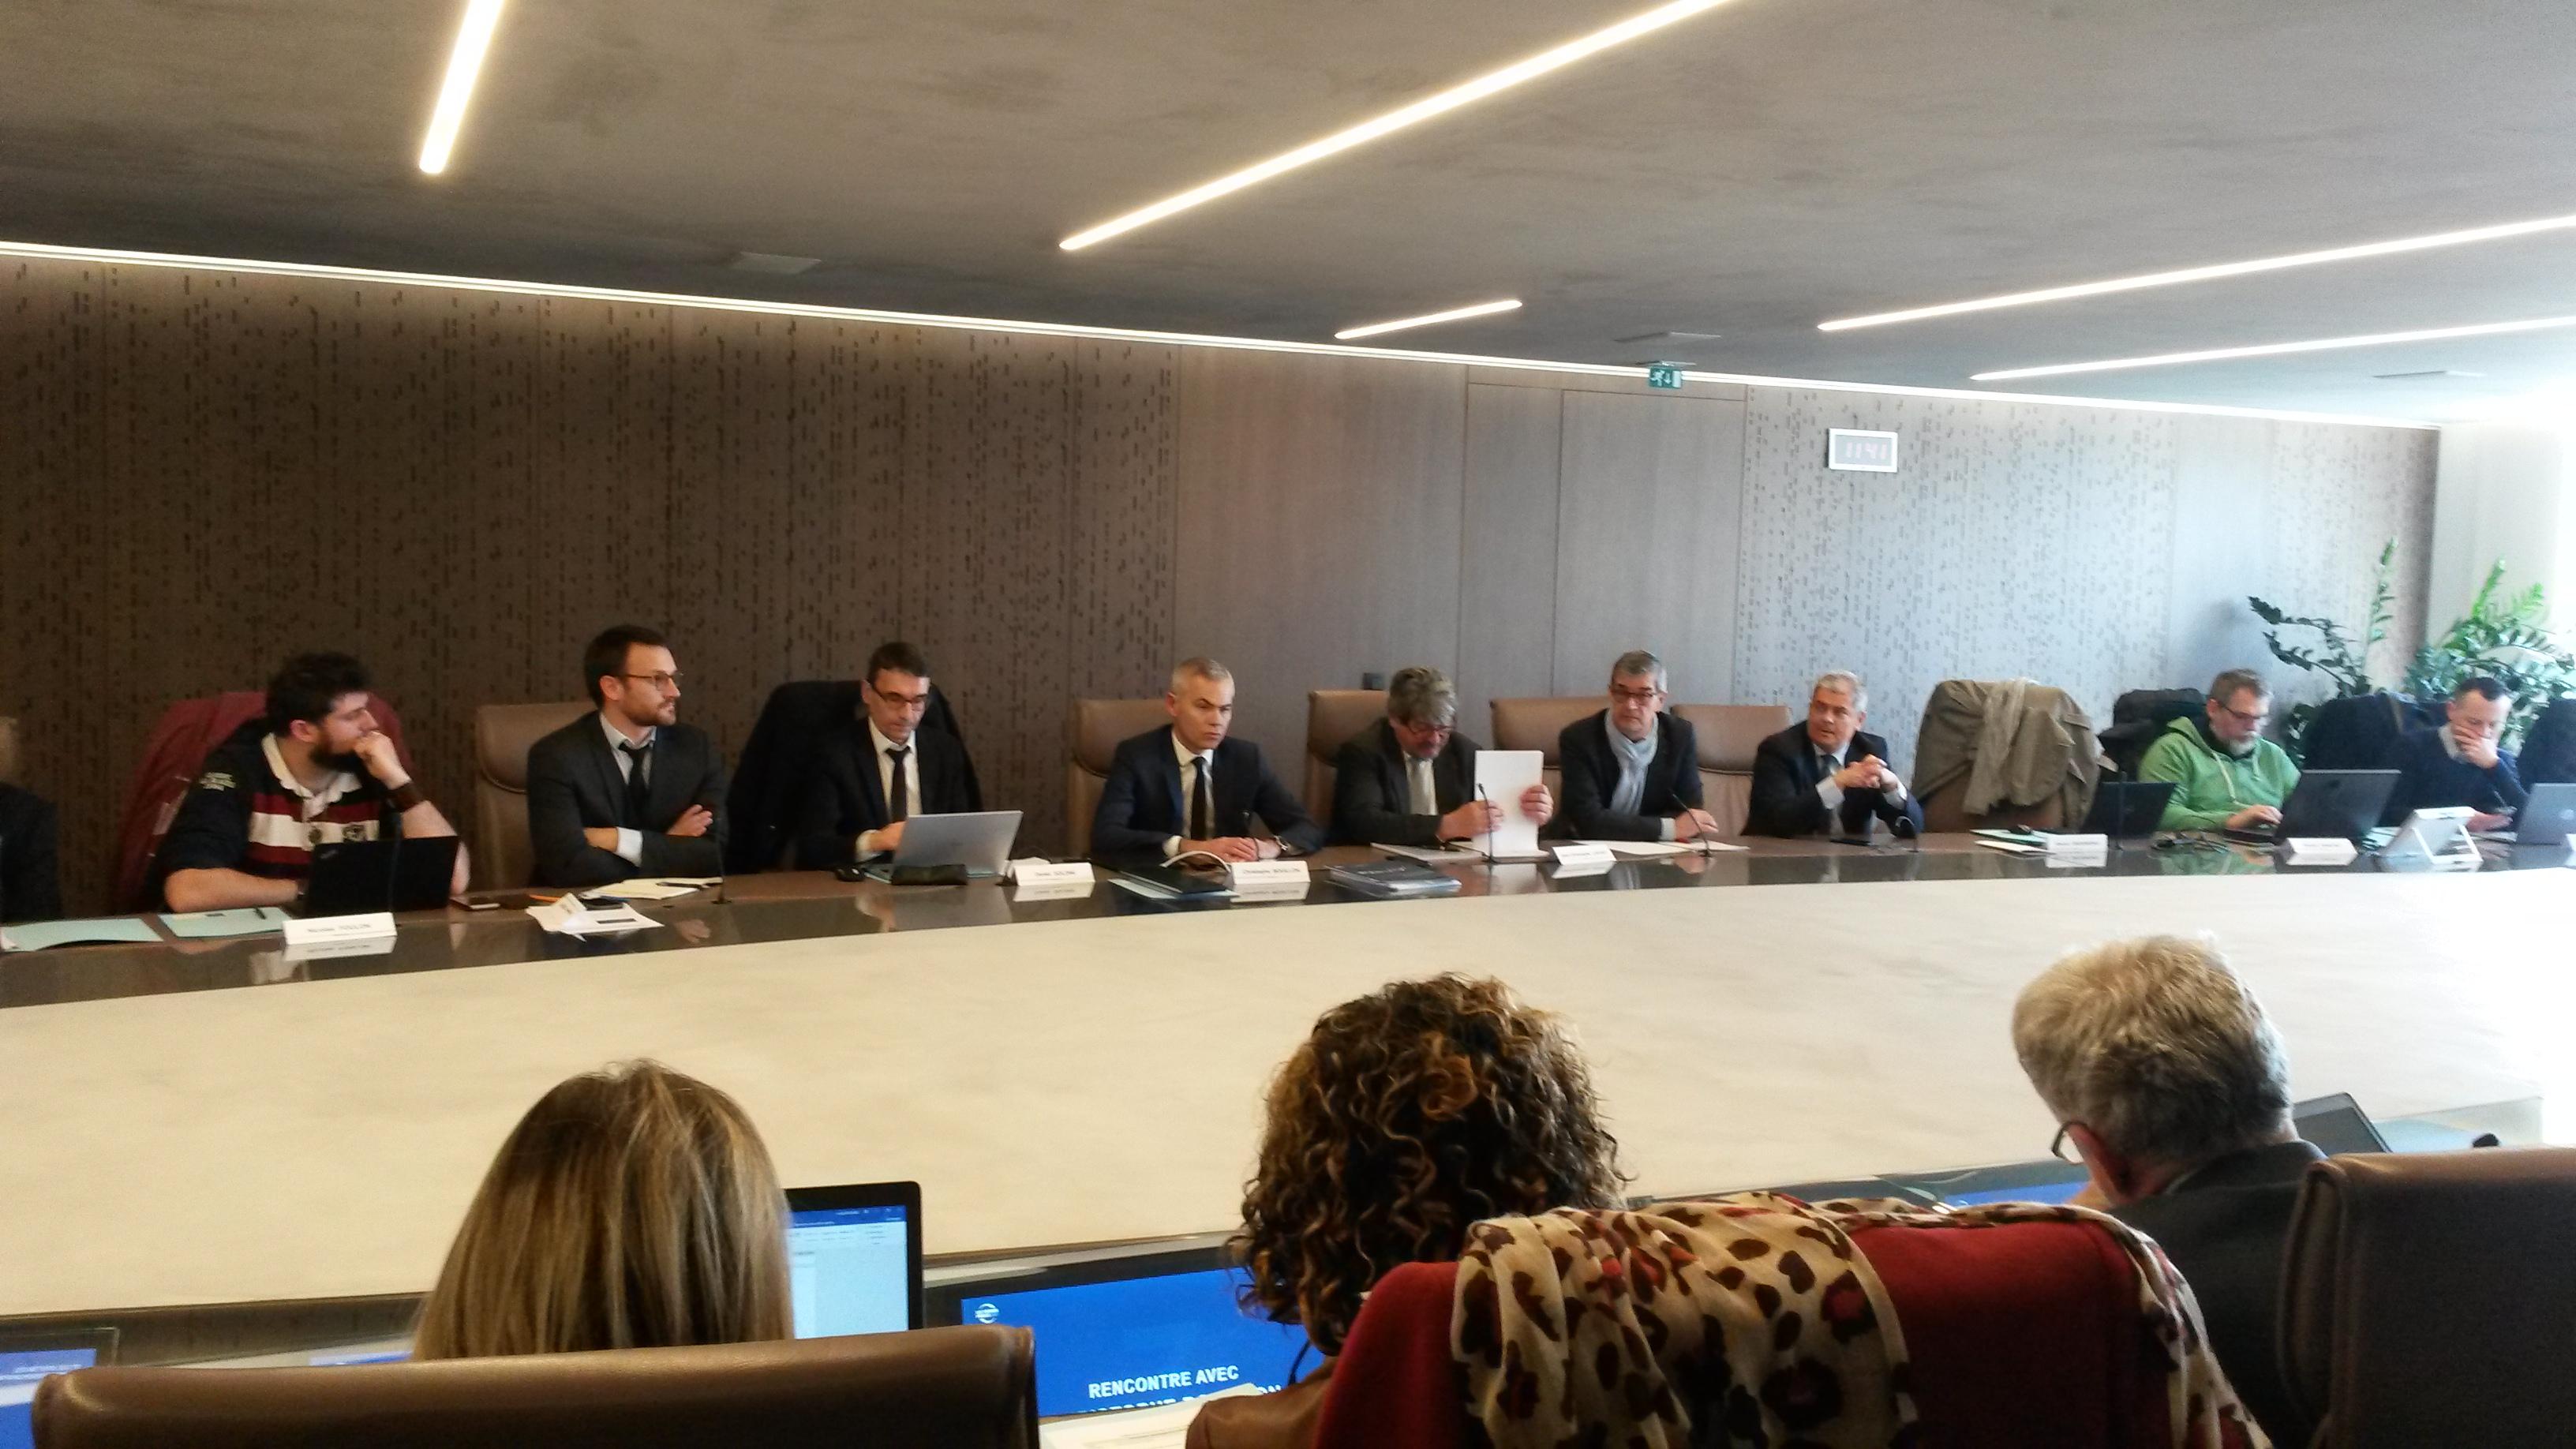 Développement durable: Christophe Bouillon a rencontré les acteurs des travaux publics